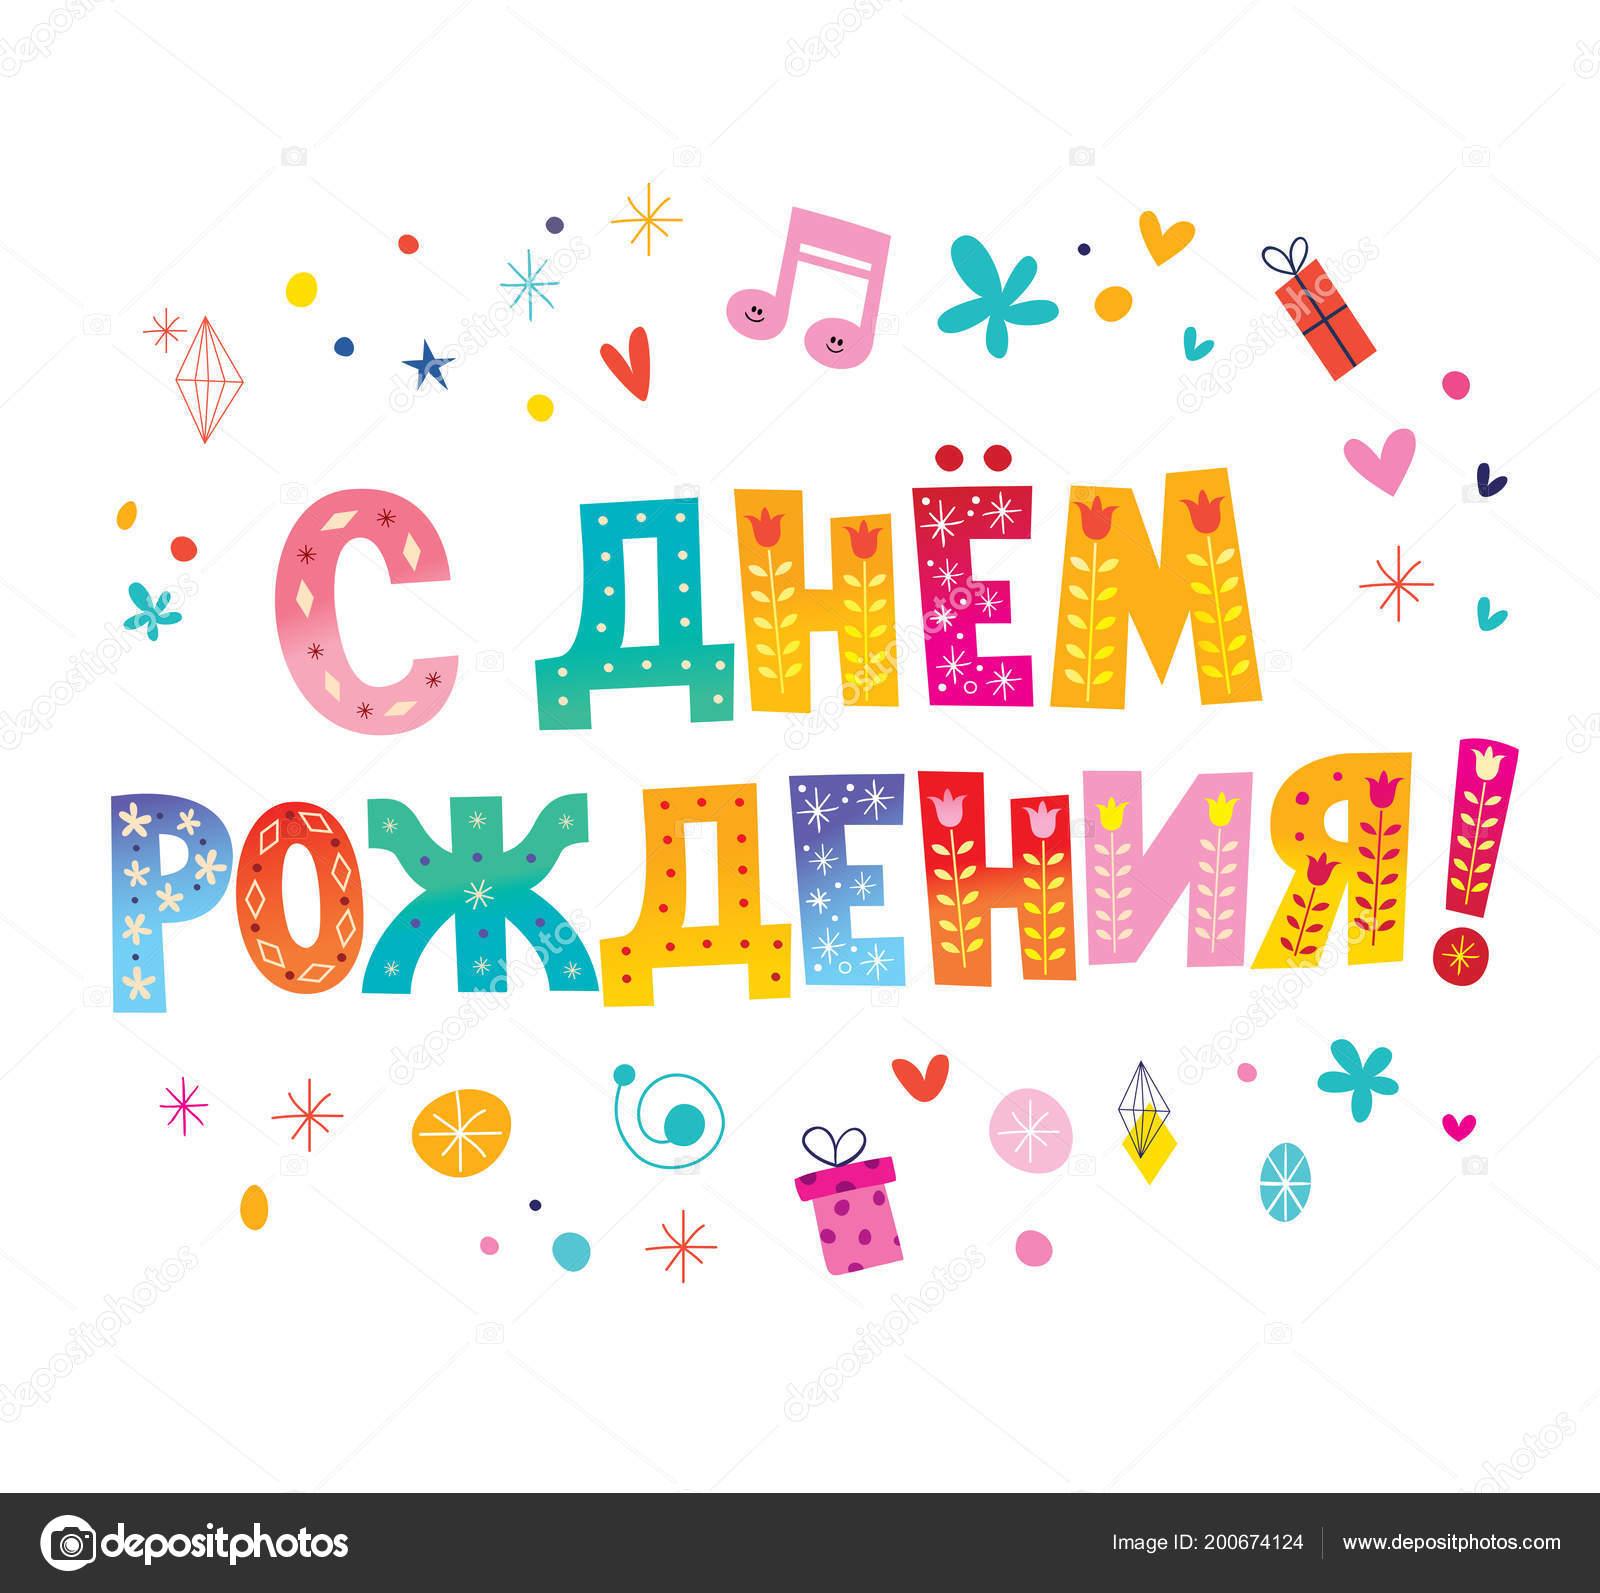 Aussprache alles auf gute geburtstag zum russisch Herzlichen Glückwunsch